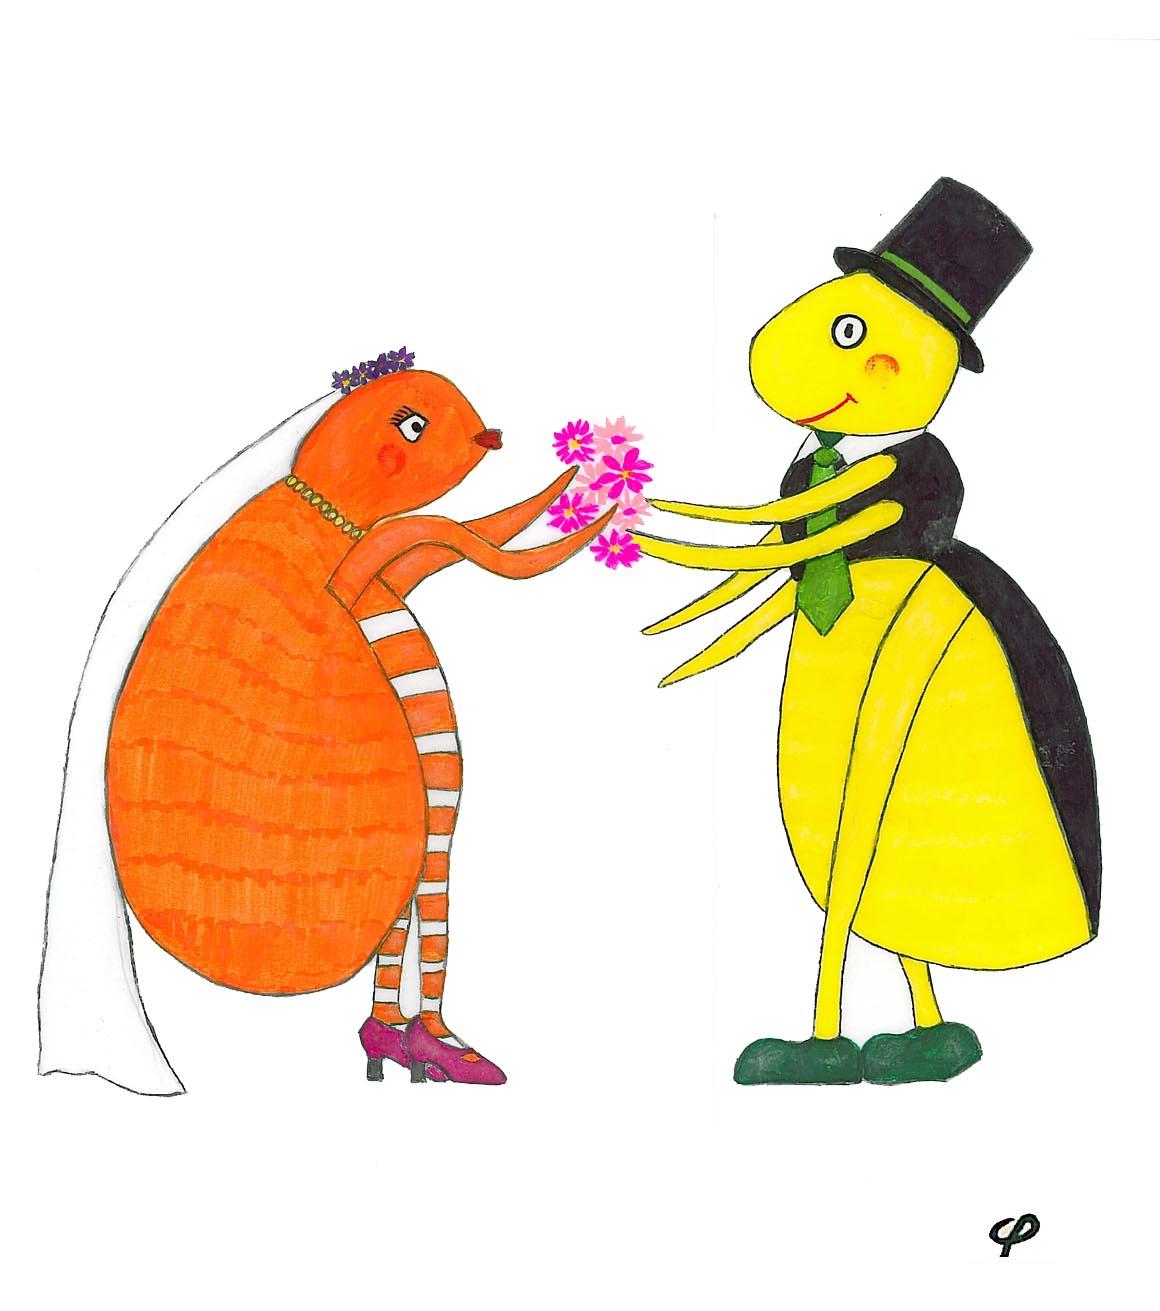 Literatura Infantil - Bienvenidos -: La boda de los gorgojos